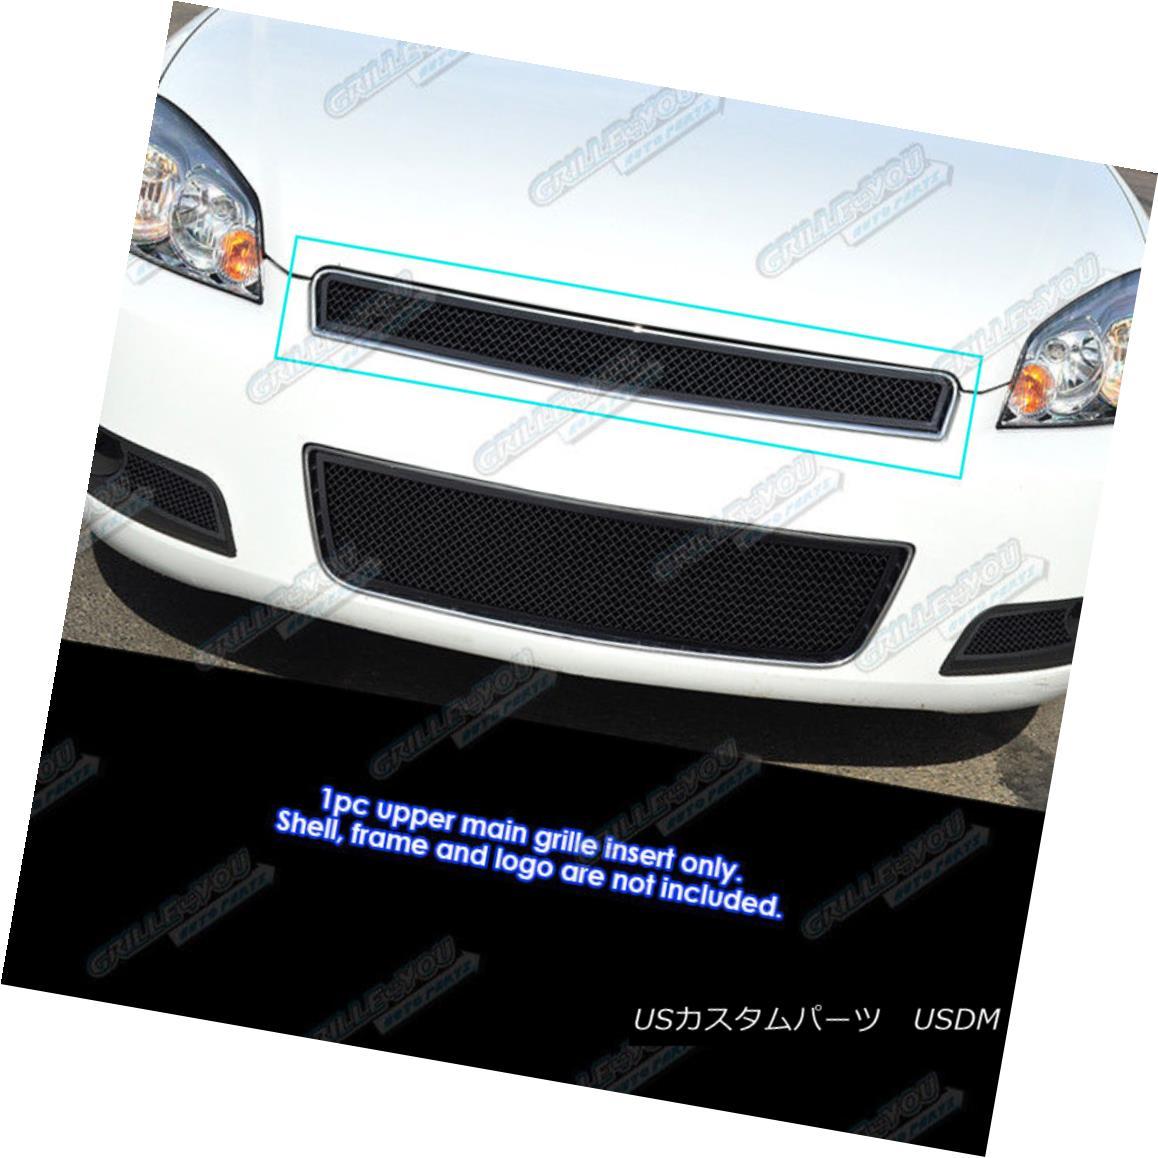 グリル For 2006-2013 Chevy Impala/ 06-07 Monte Carlo Stainless Black Mesh Grille 2006-2013シボレーインパラ/ 06-07モンテカルロステンレスブラックメッシュグリル用